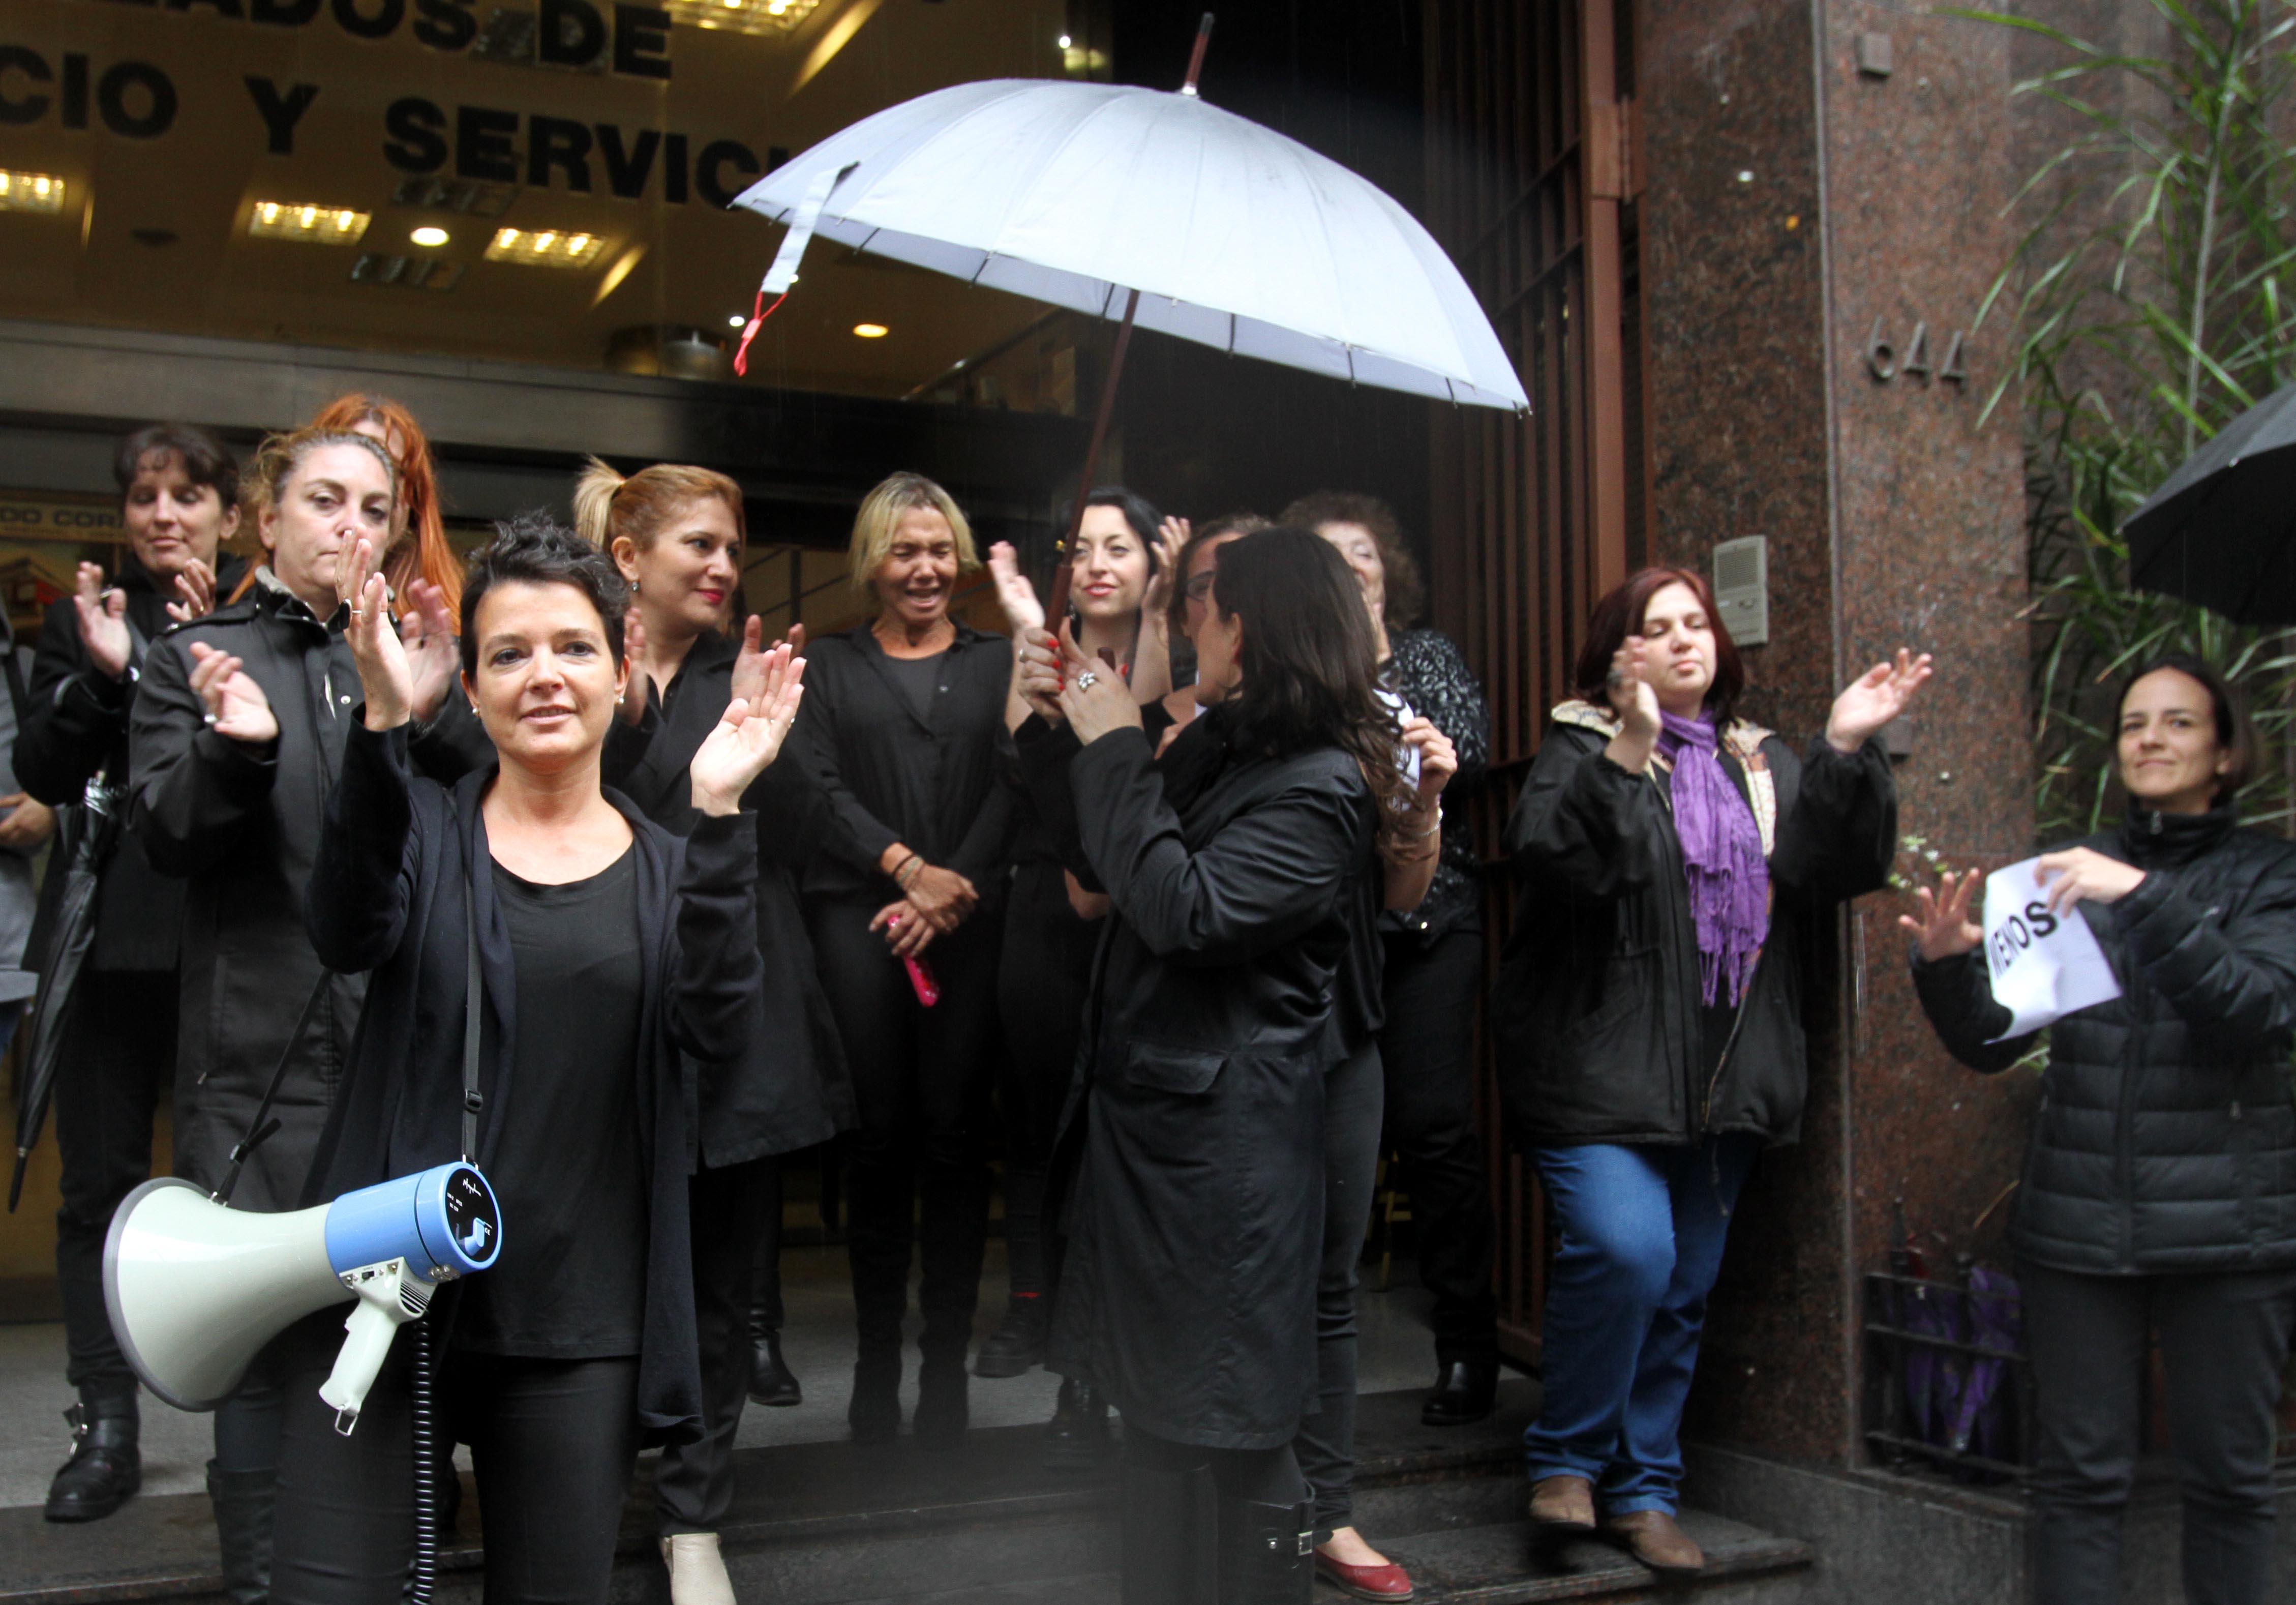 """DYN23, BUENOS AIRES 19/10/16, MUJERES PARA AL GRITO """"NI UNA MENOS"""" EN EL CENTRO PORTEÑO.FOTO:DYN/CARLOS GRECO."""